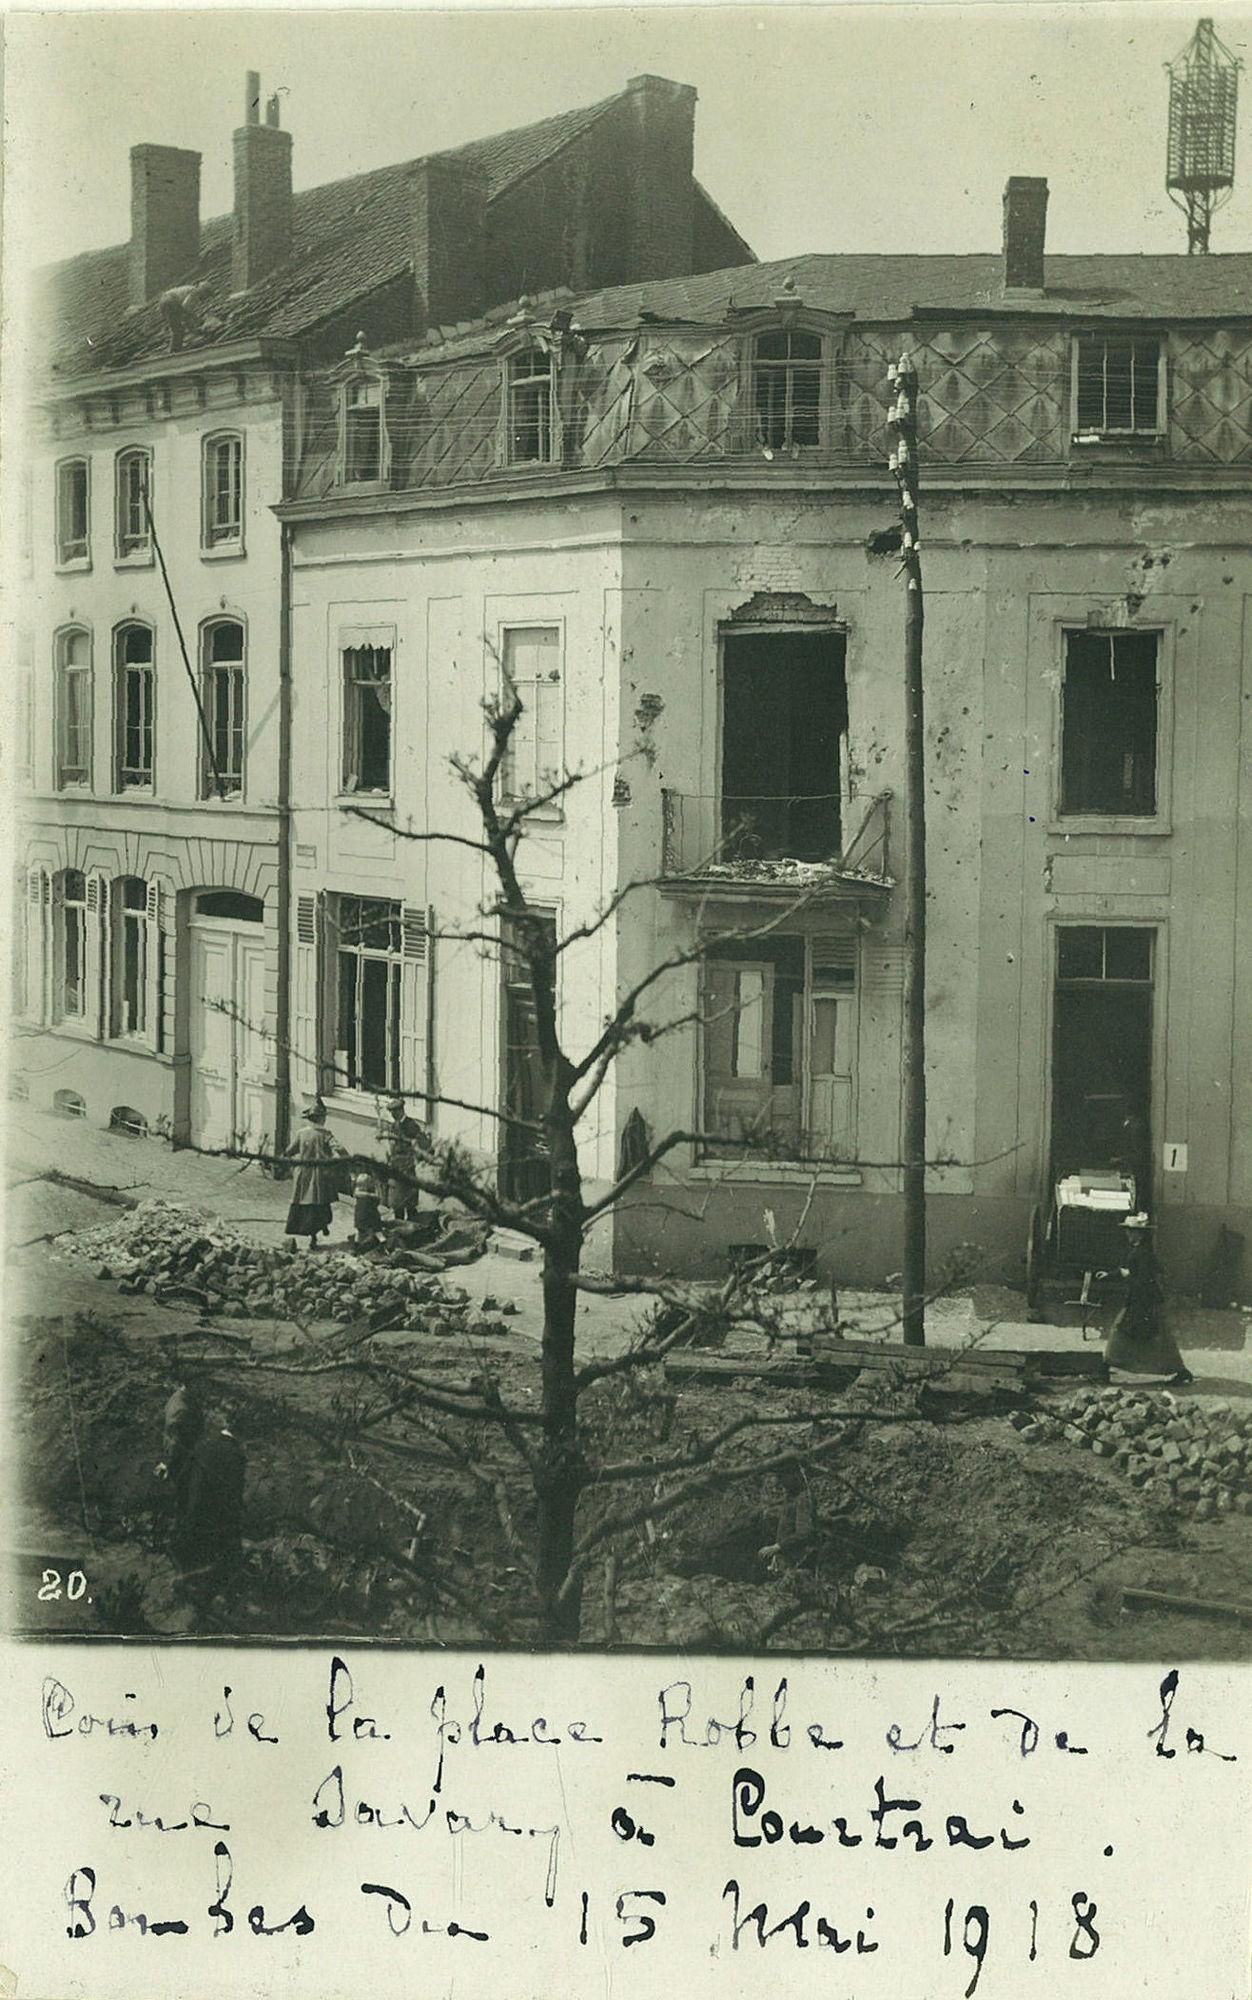 Oorlogsschade tijdens Wereldoorlog I